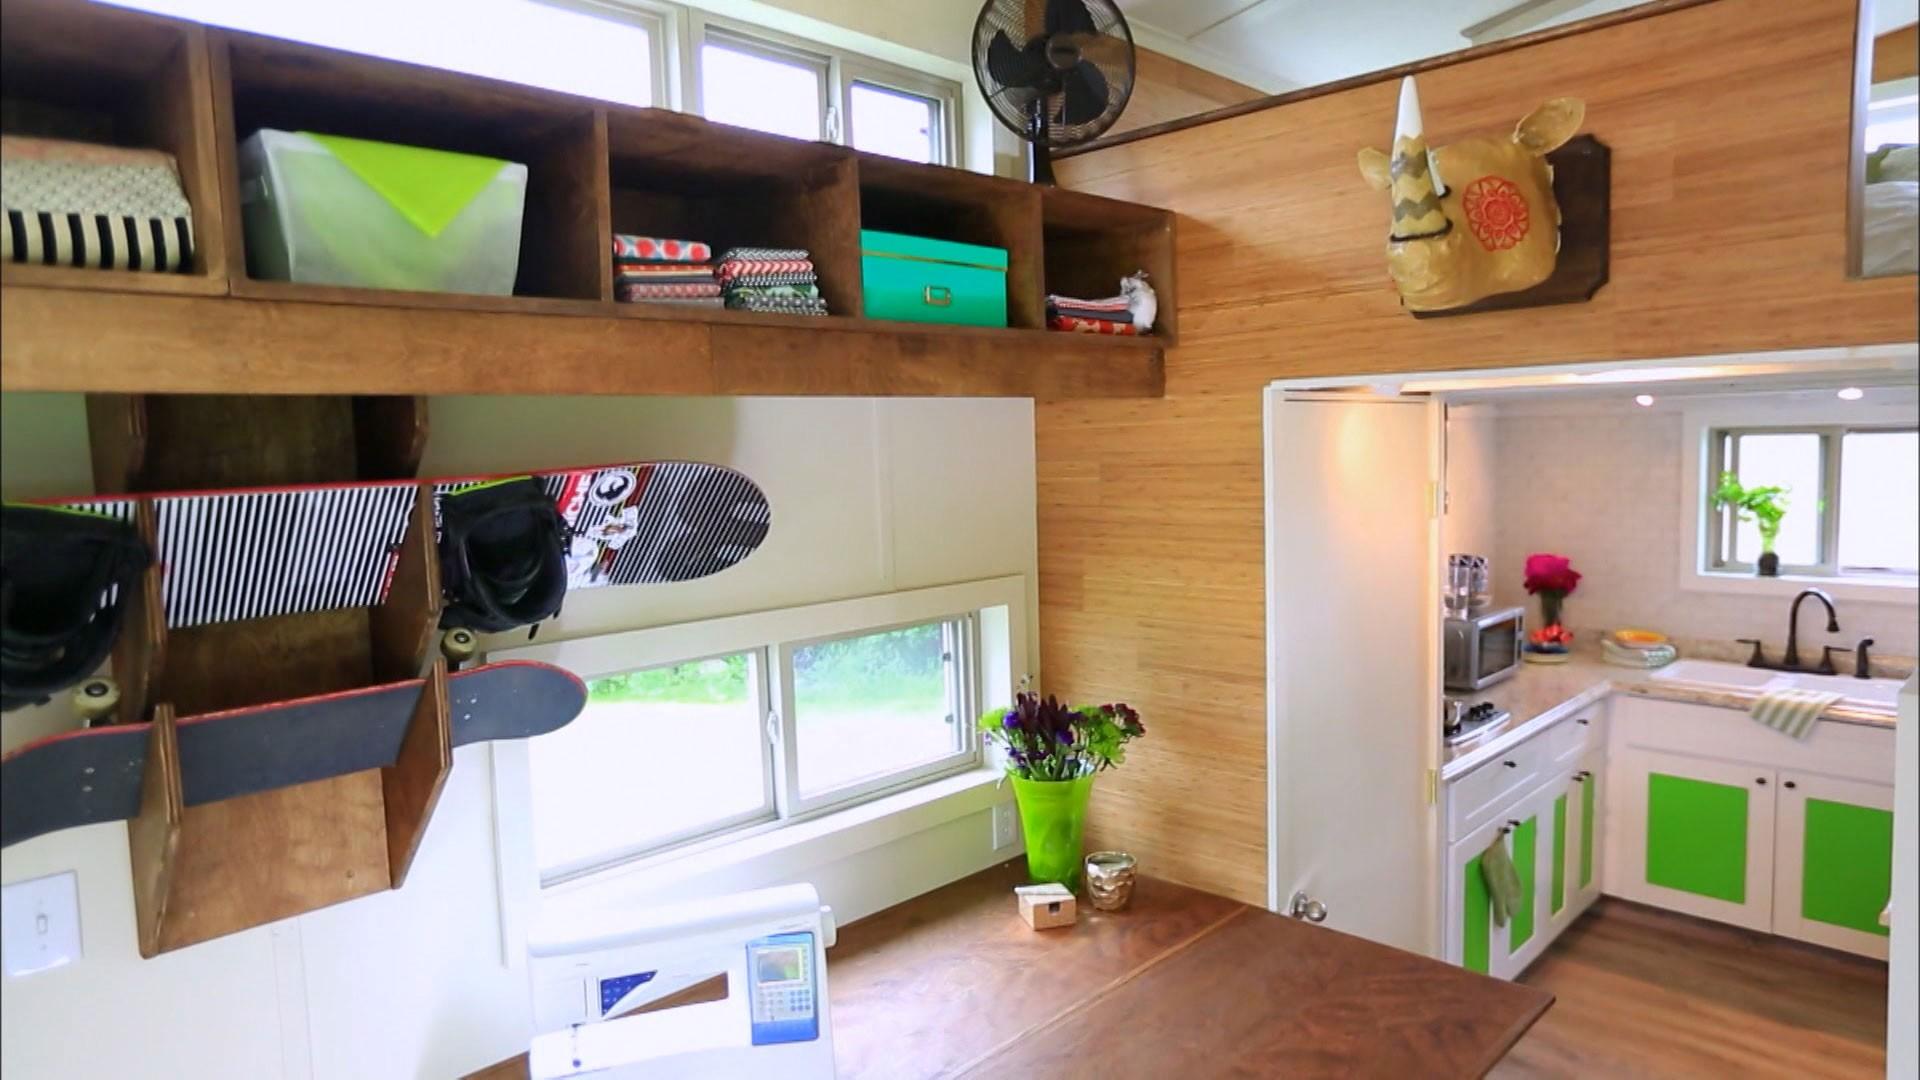 Casa de 20m comporta banheira cozinha completa quarto Home decor survivor 5 ep 13